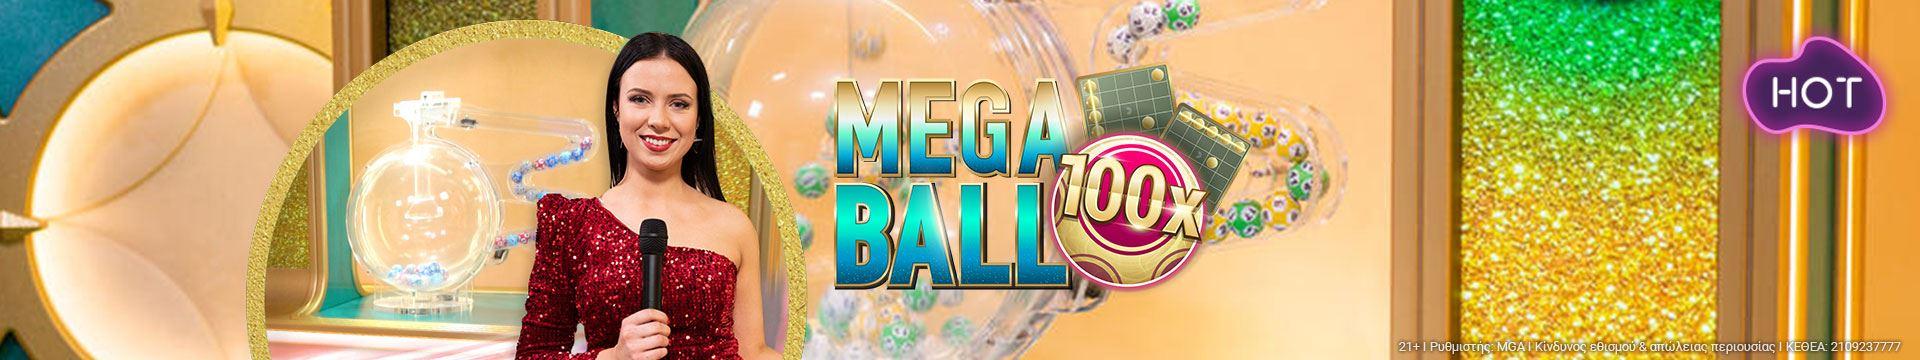 Megaball